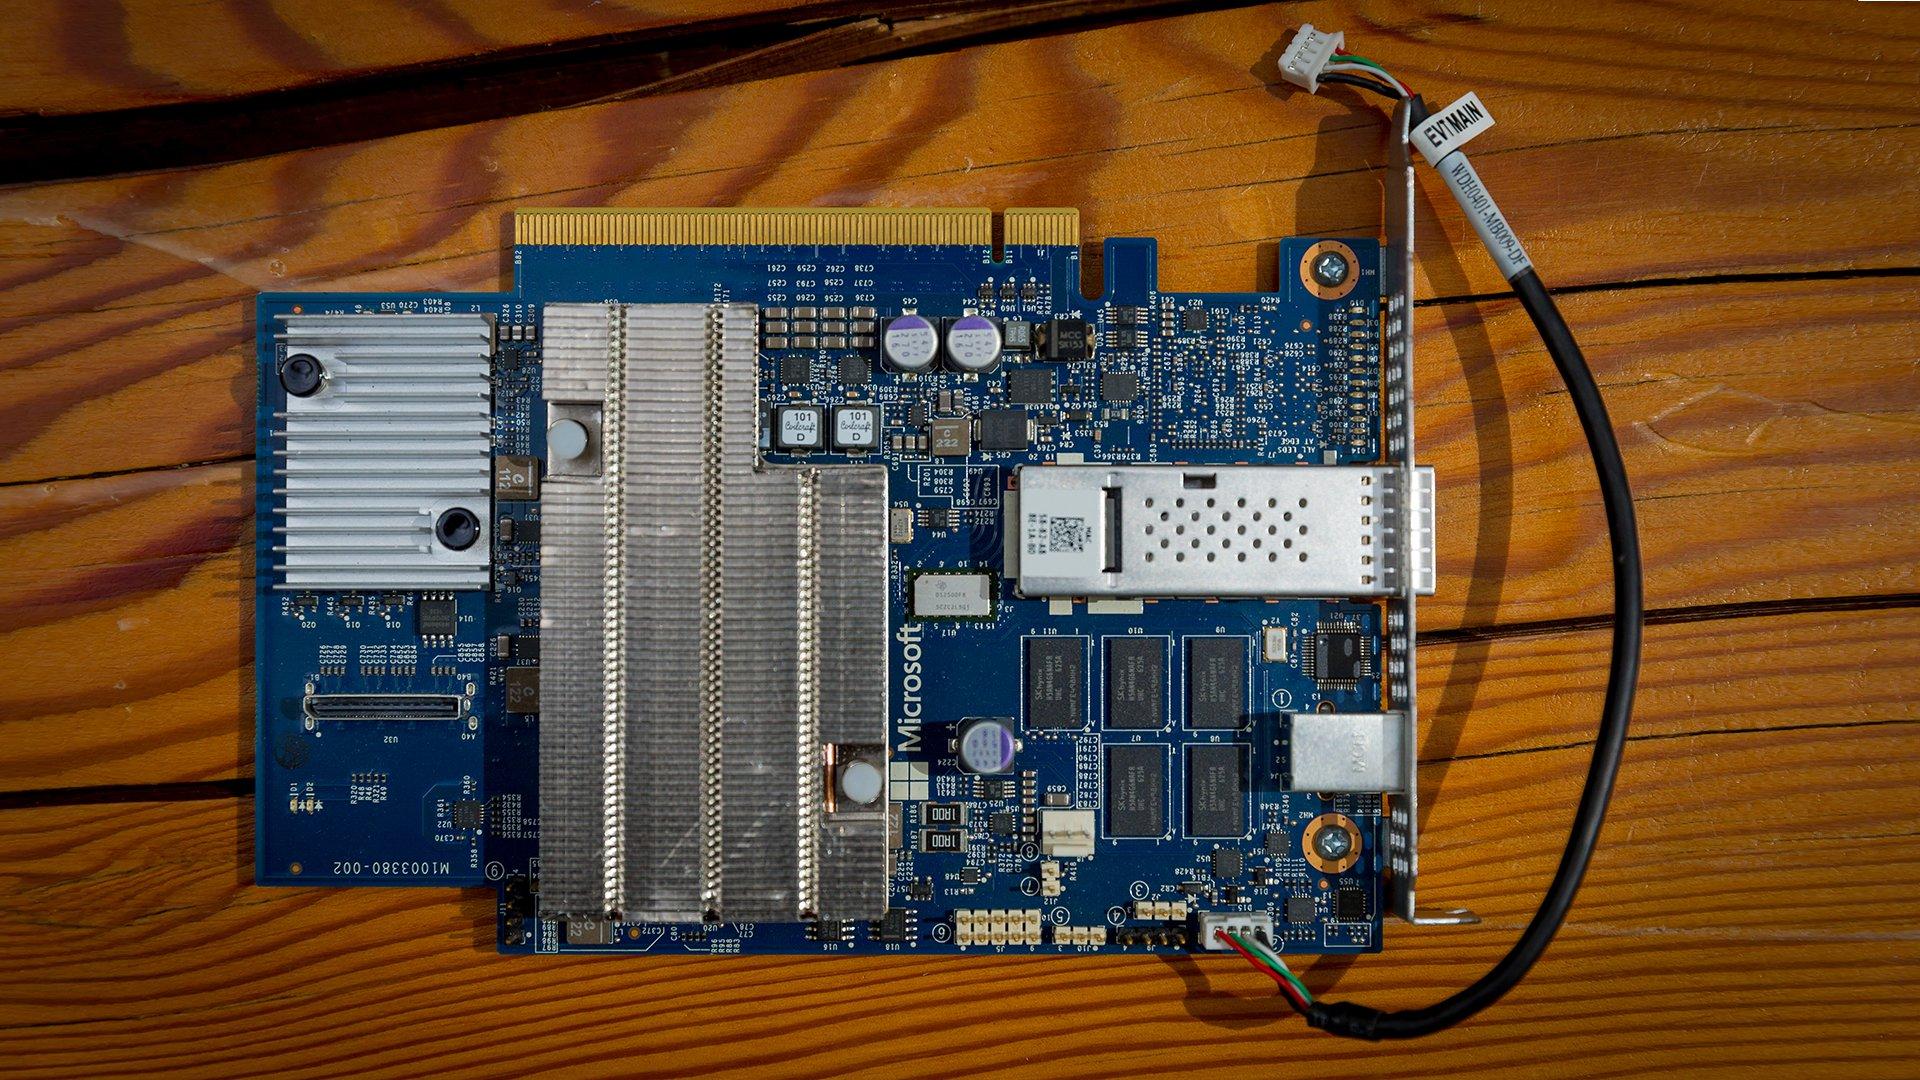 Пример оборудования, используемого для Project Brainwave. Фото: Скотт Эклунд /Red Box Pictures.